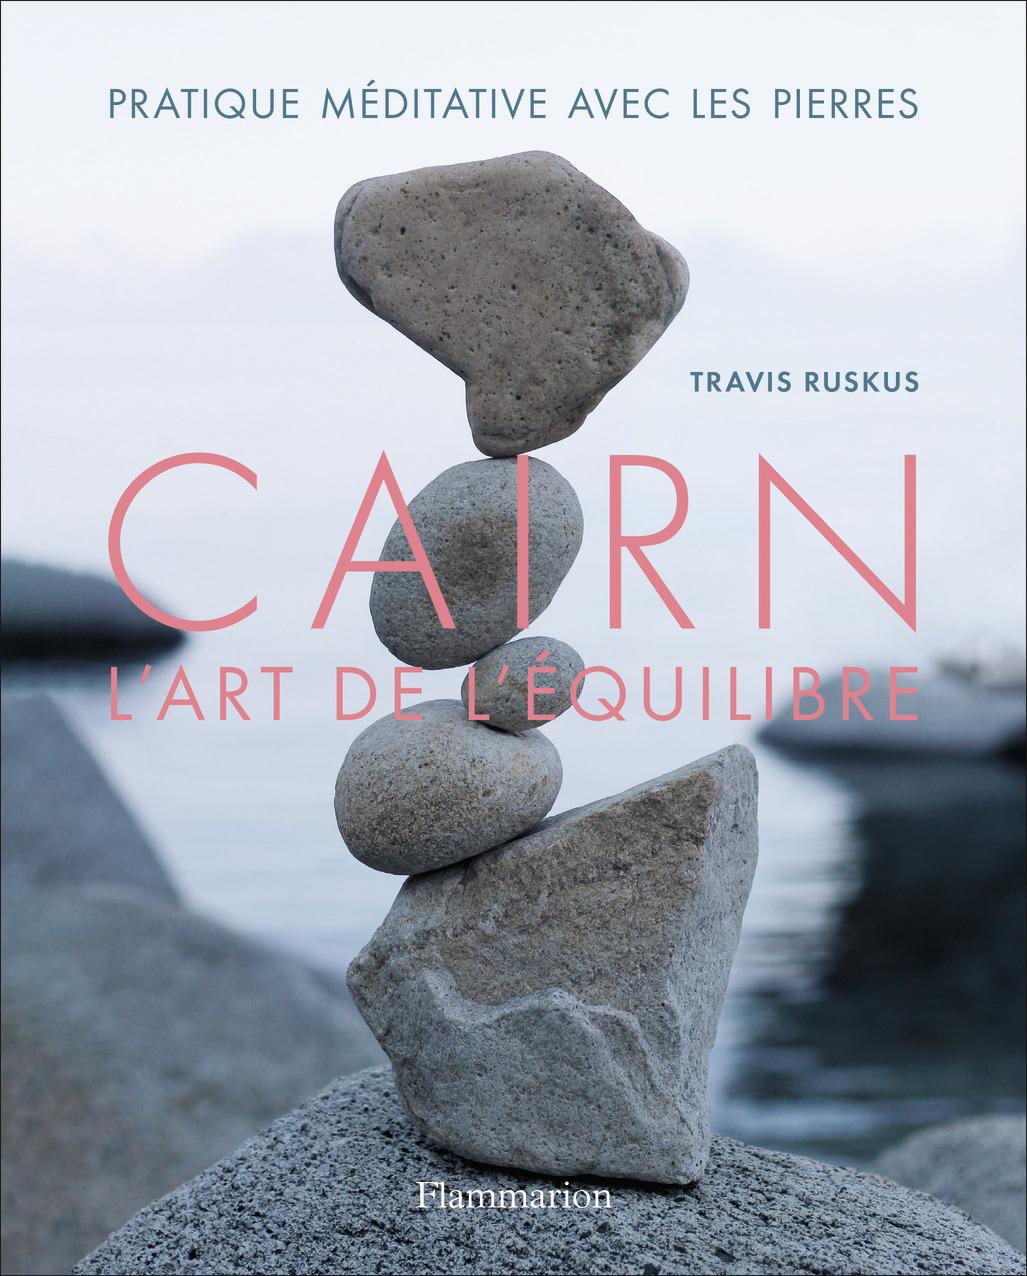 CAIRN, L'ART DE L'EQUILIBRE - PARTIQUE MEDITATIVE AVEC LES PIERRES